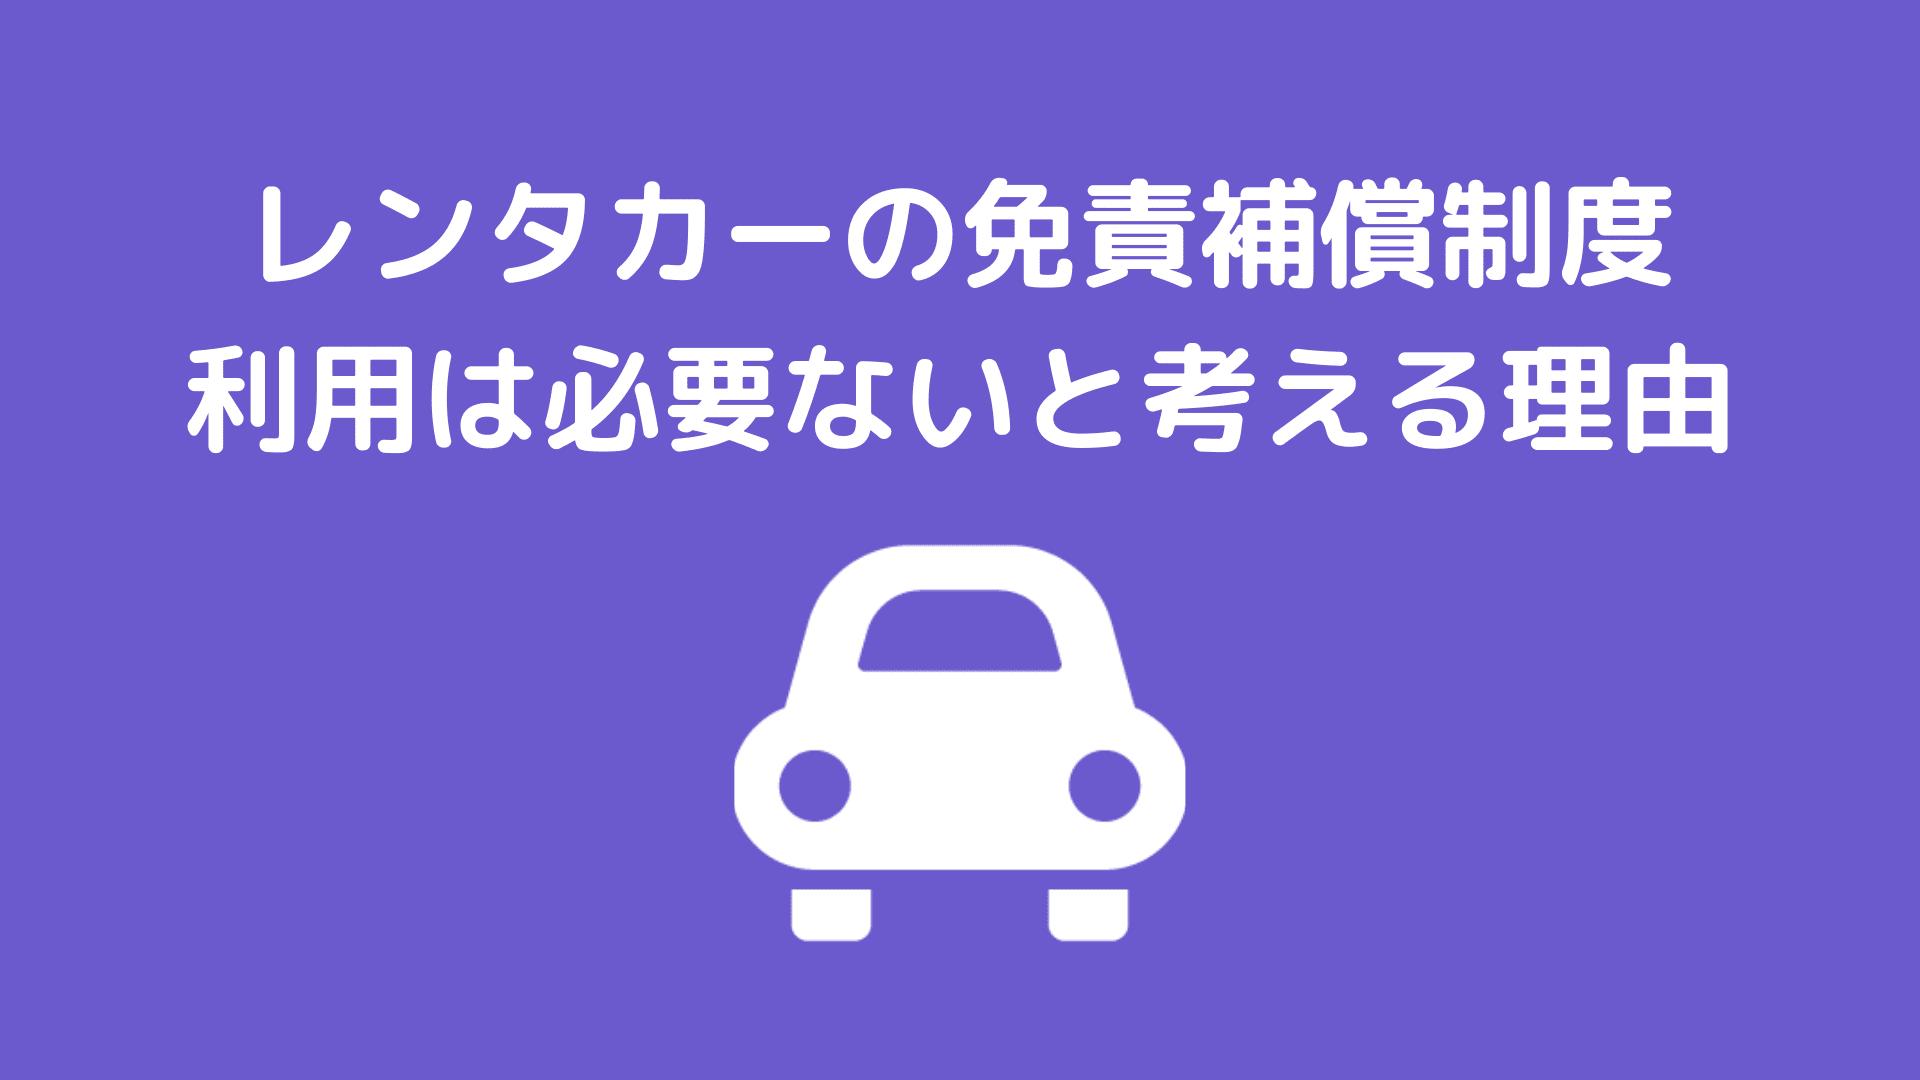 レンタカーの免責補償制度の利用は必要ないと考える理由